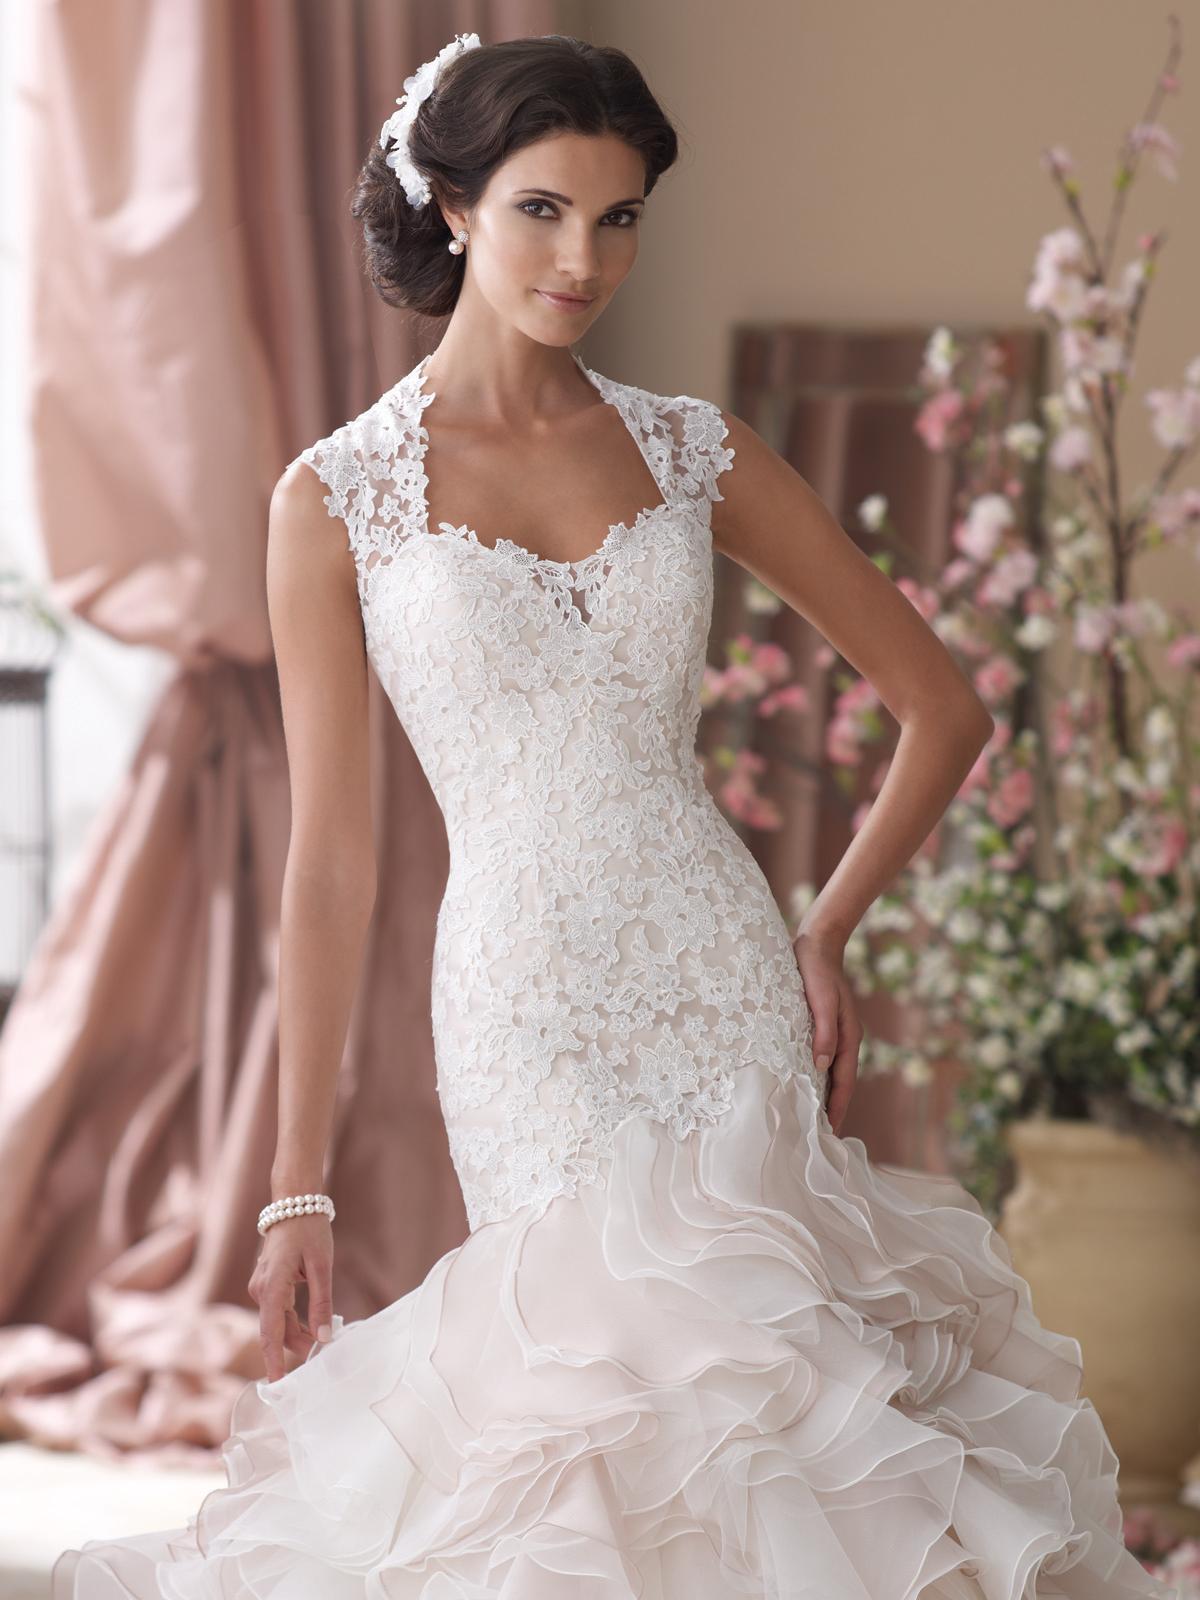 Wedding Dresses For   Sunshine Coast : Crawley sunshine coast wedding dresses